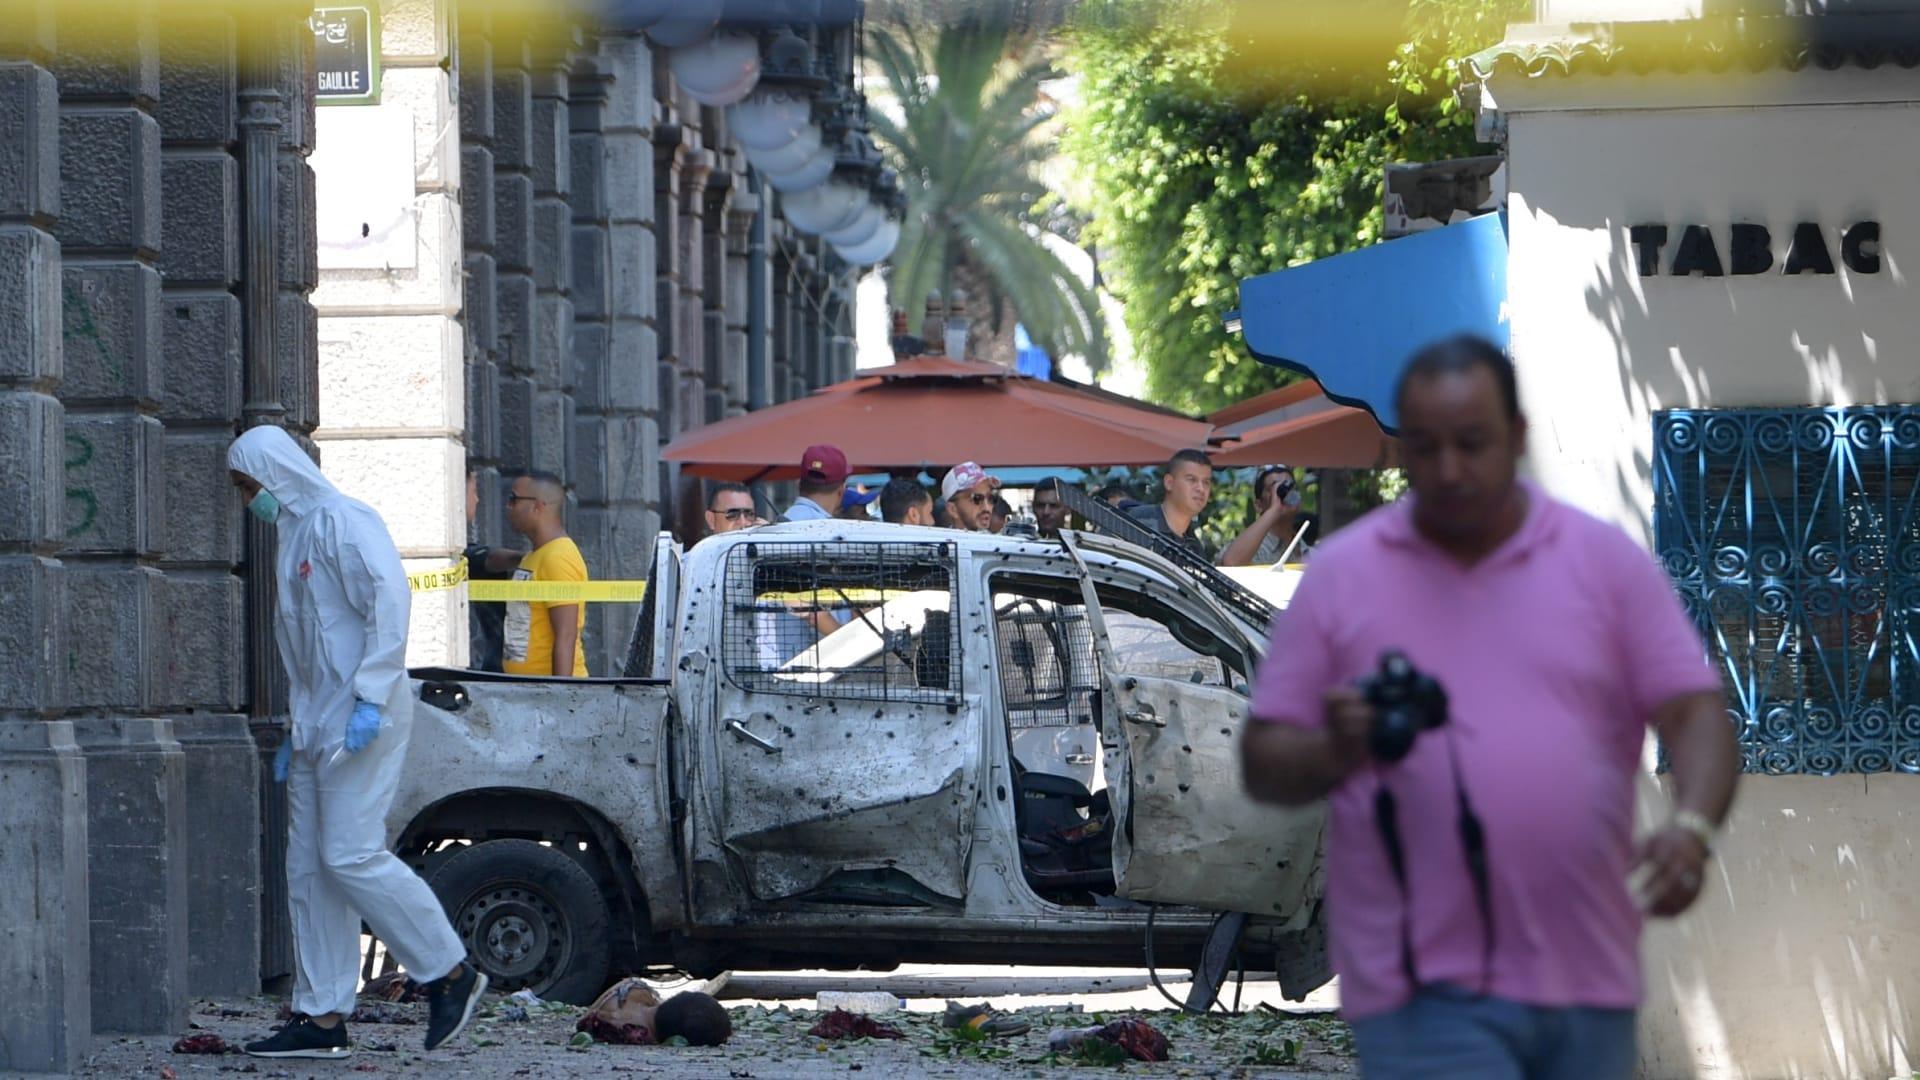 تونس: إصابات بانفجارين في العاصمة منهم 4 عناصر أمنية